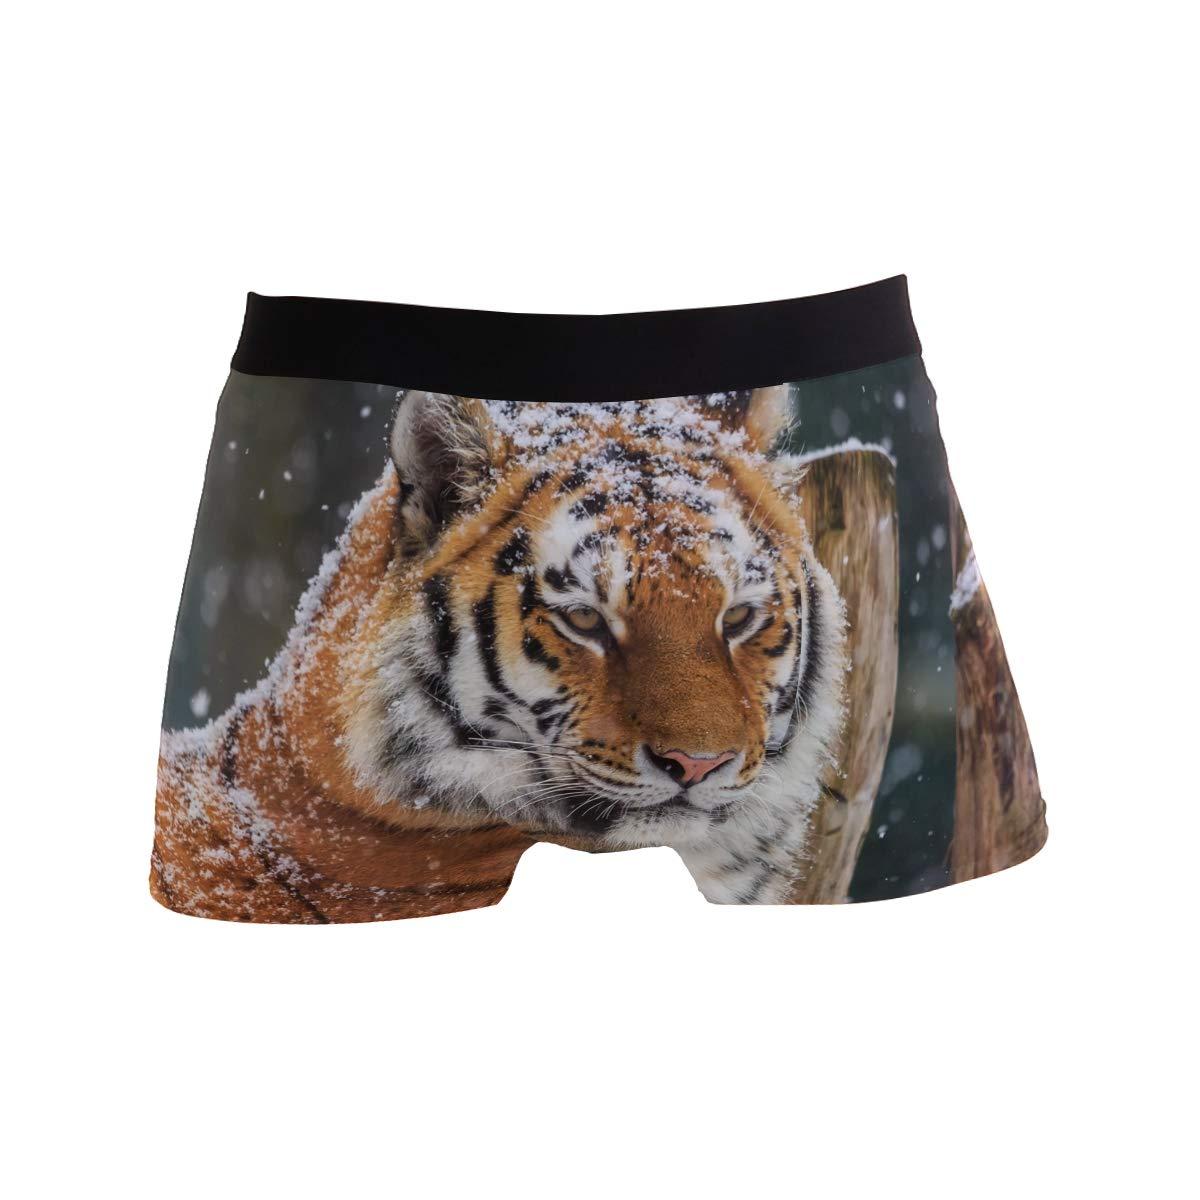 Mens Underwear Tiger Boys Boxer Brief